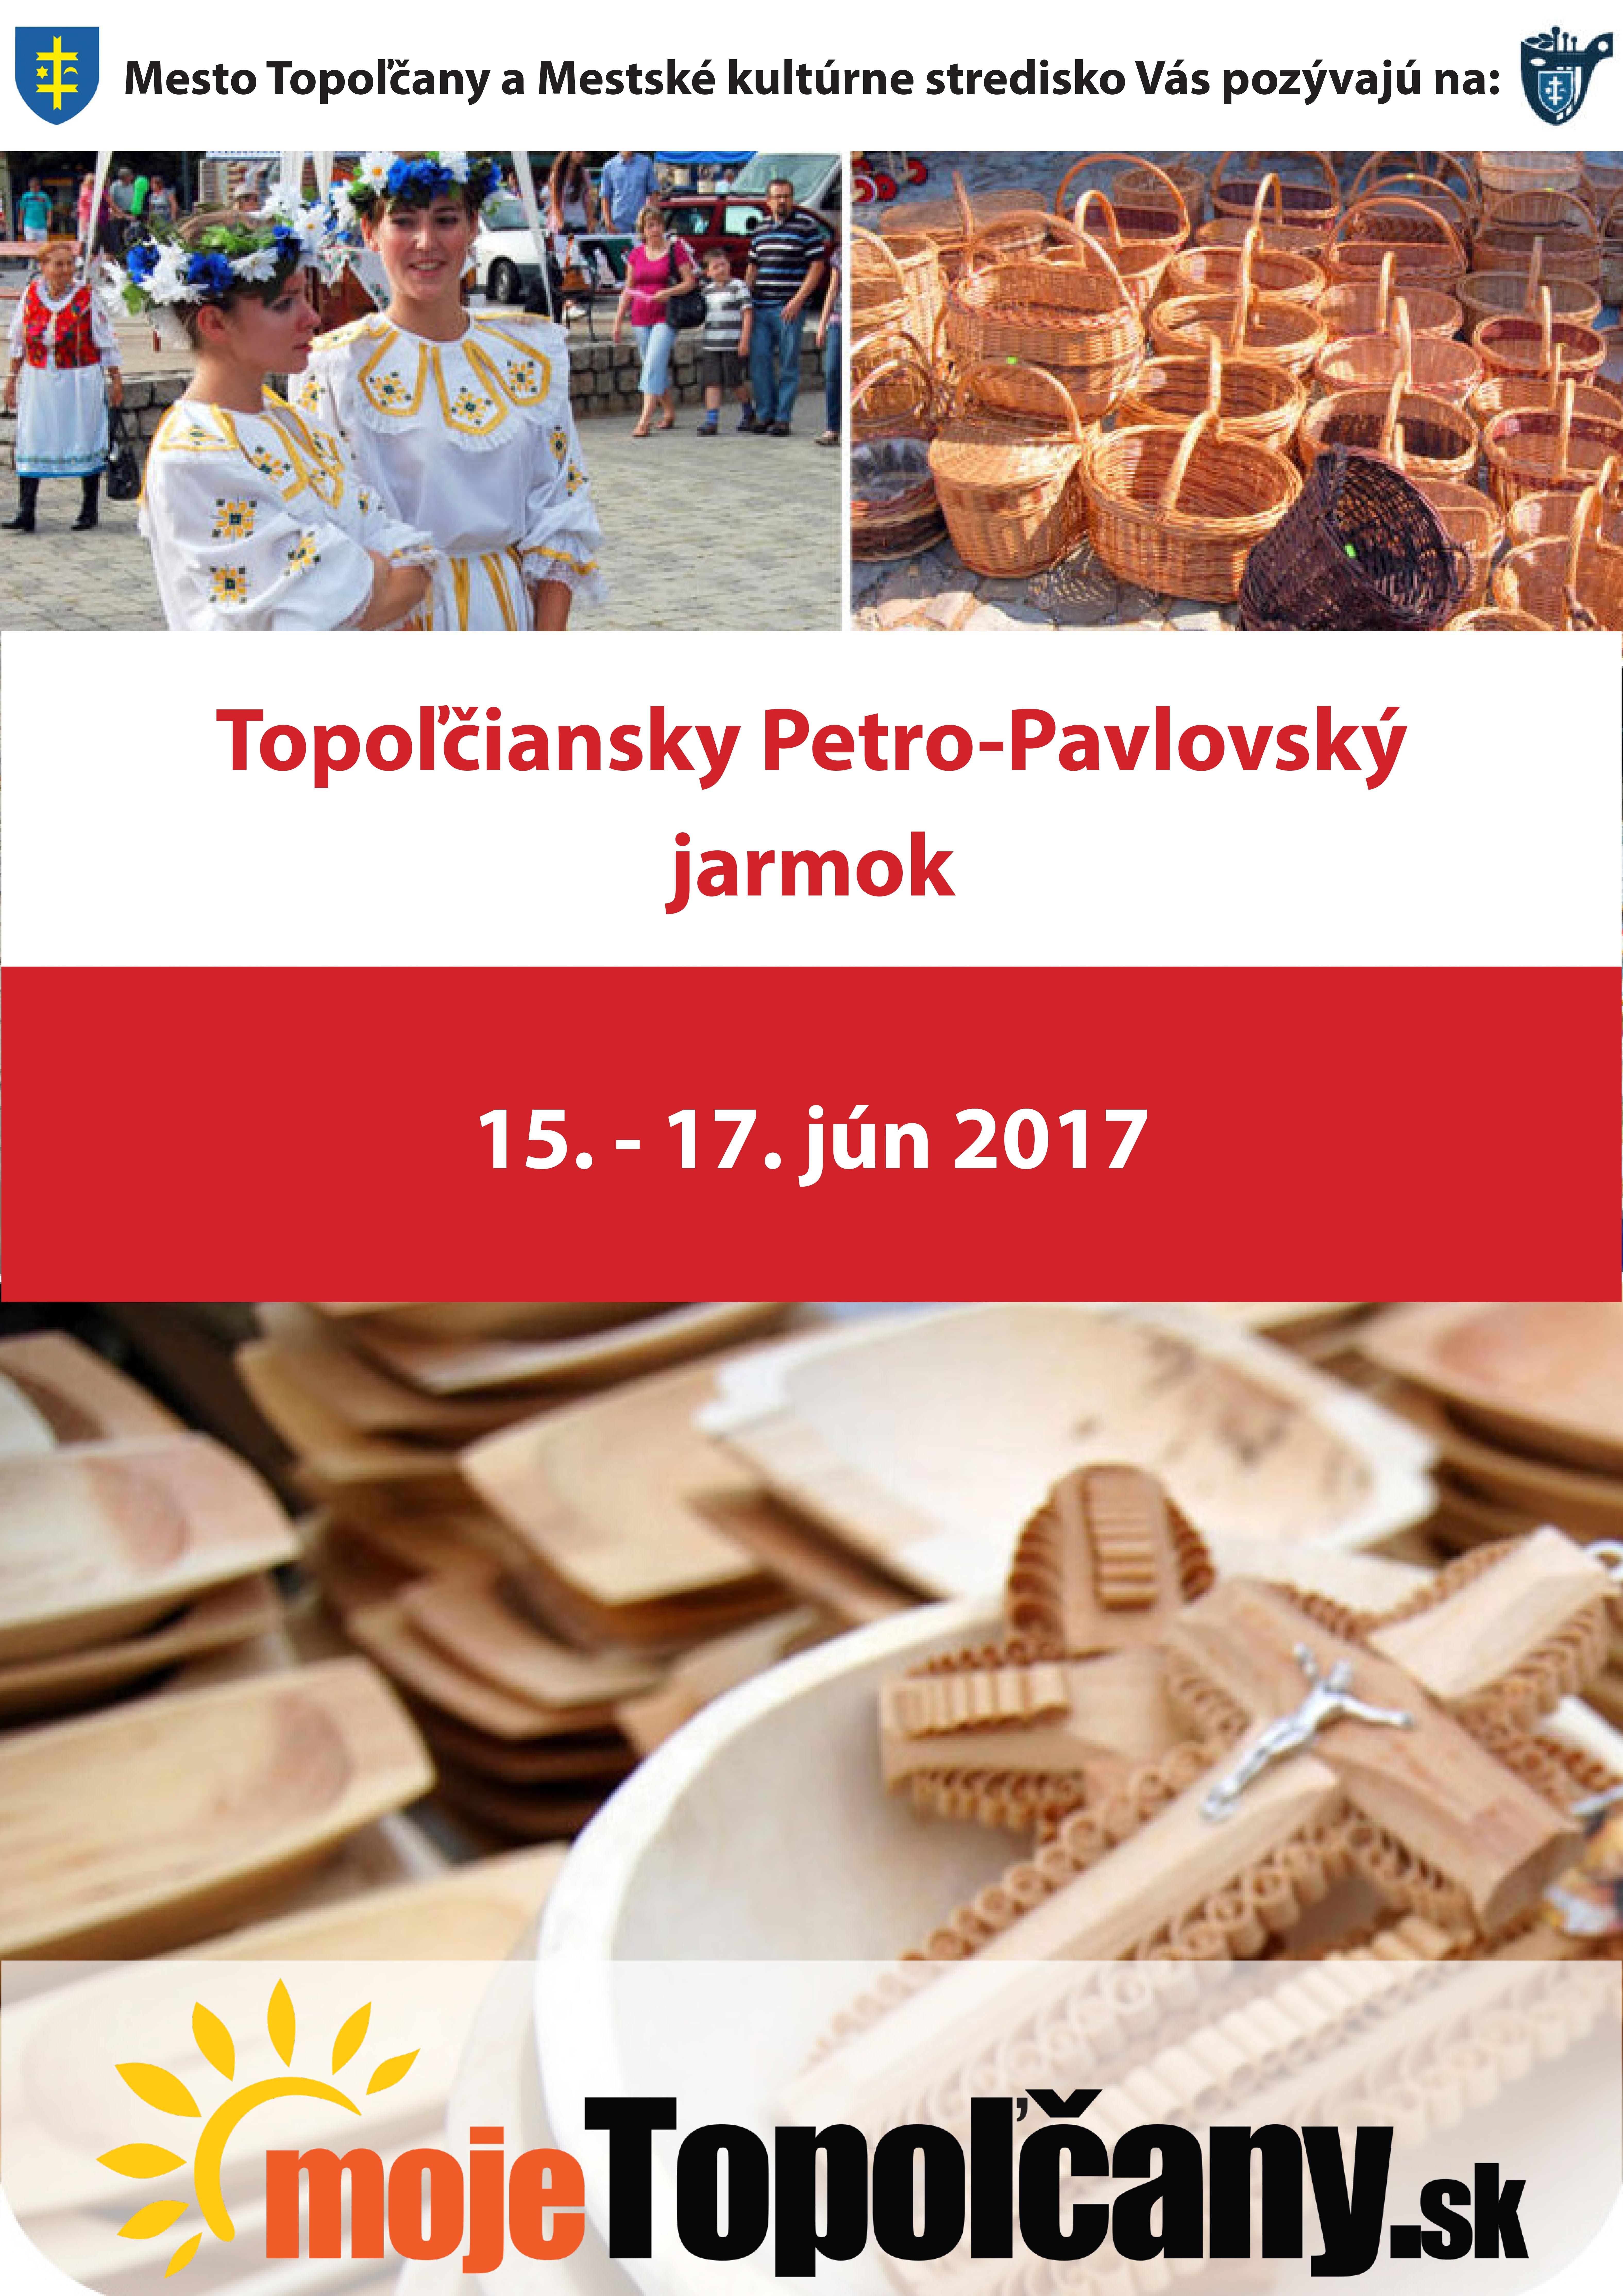 Topoľčiansky Petro-Pavlovský jarmok - Bývanie  dfcf432ff40